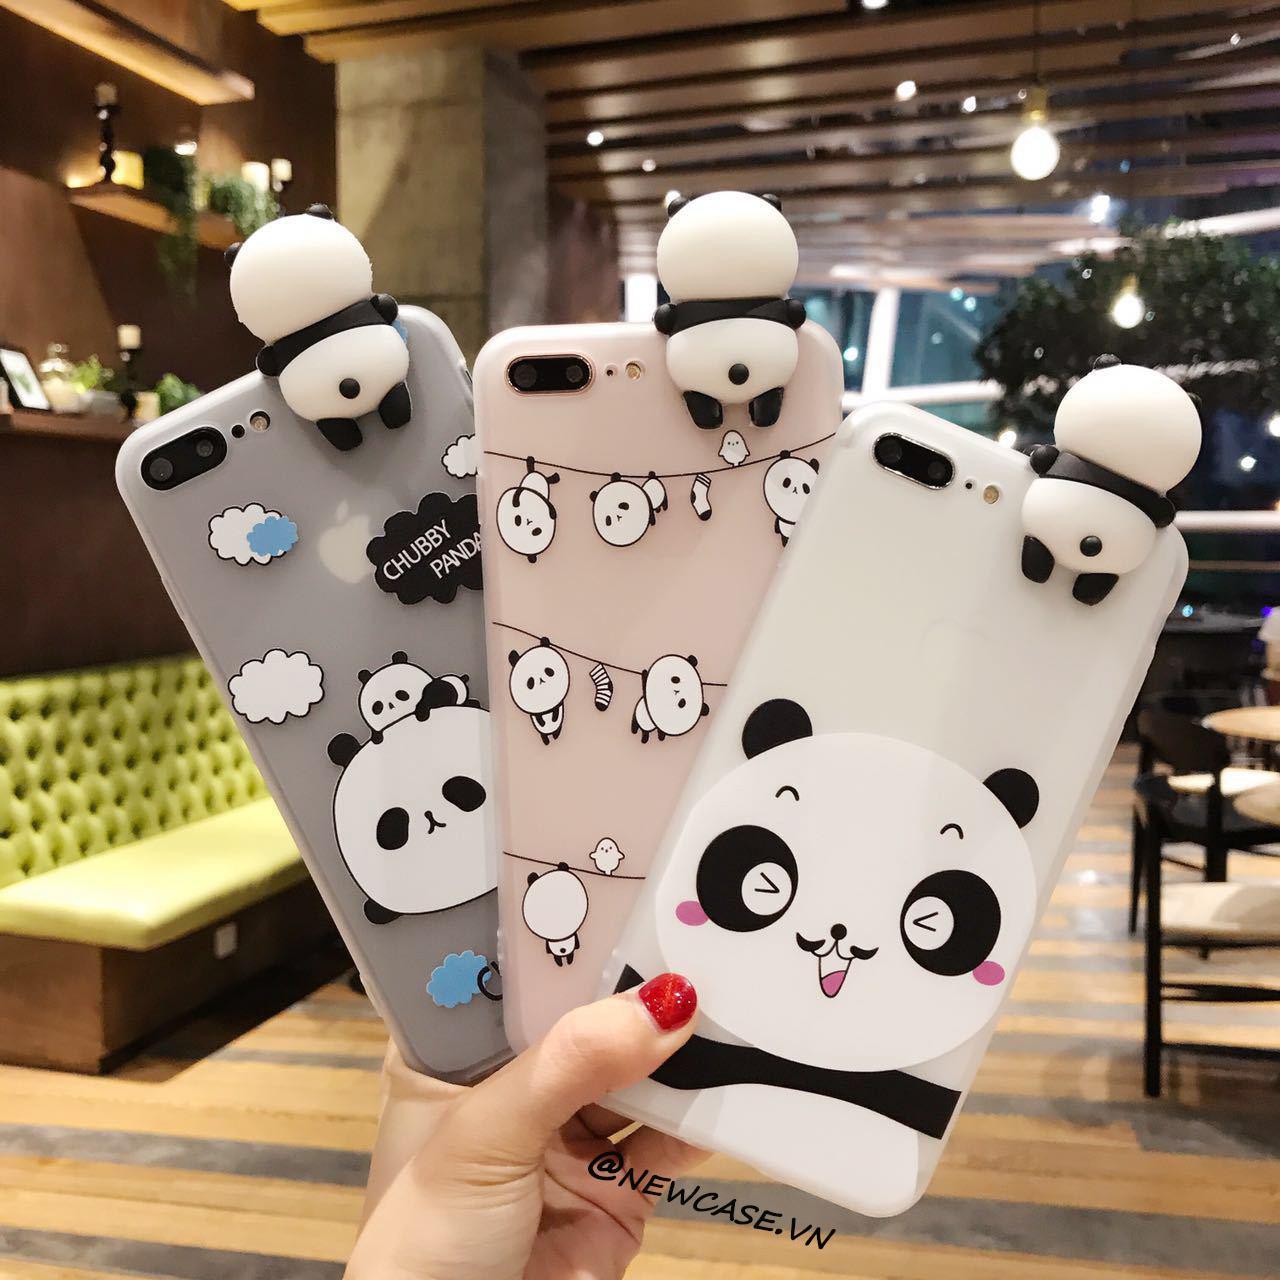 Giá Ốp lưng dẻo con gấu hoạt hình ngộ nghĩnh thú leo – Iphone 5, 6, 6plus, 7, 7plus, 8, 8plus, X Tại Newcase.vn